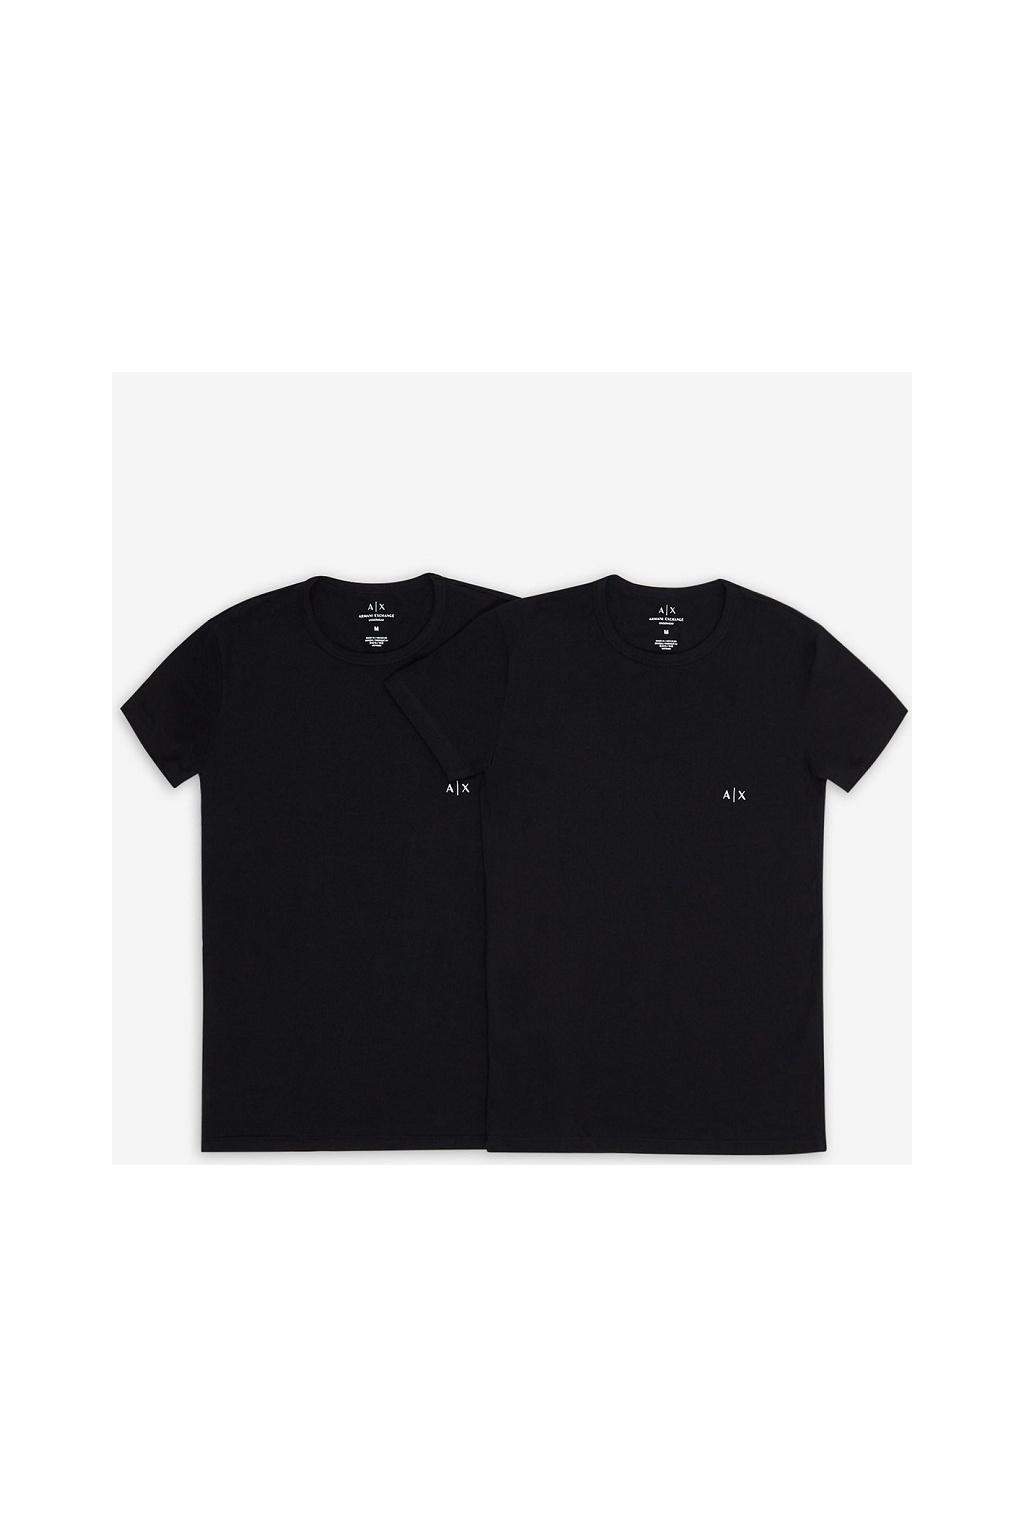 Pánské tričko Armani Exchange 956005 CC282 černé